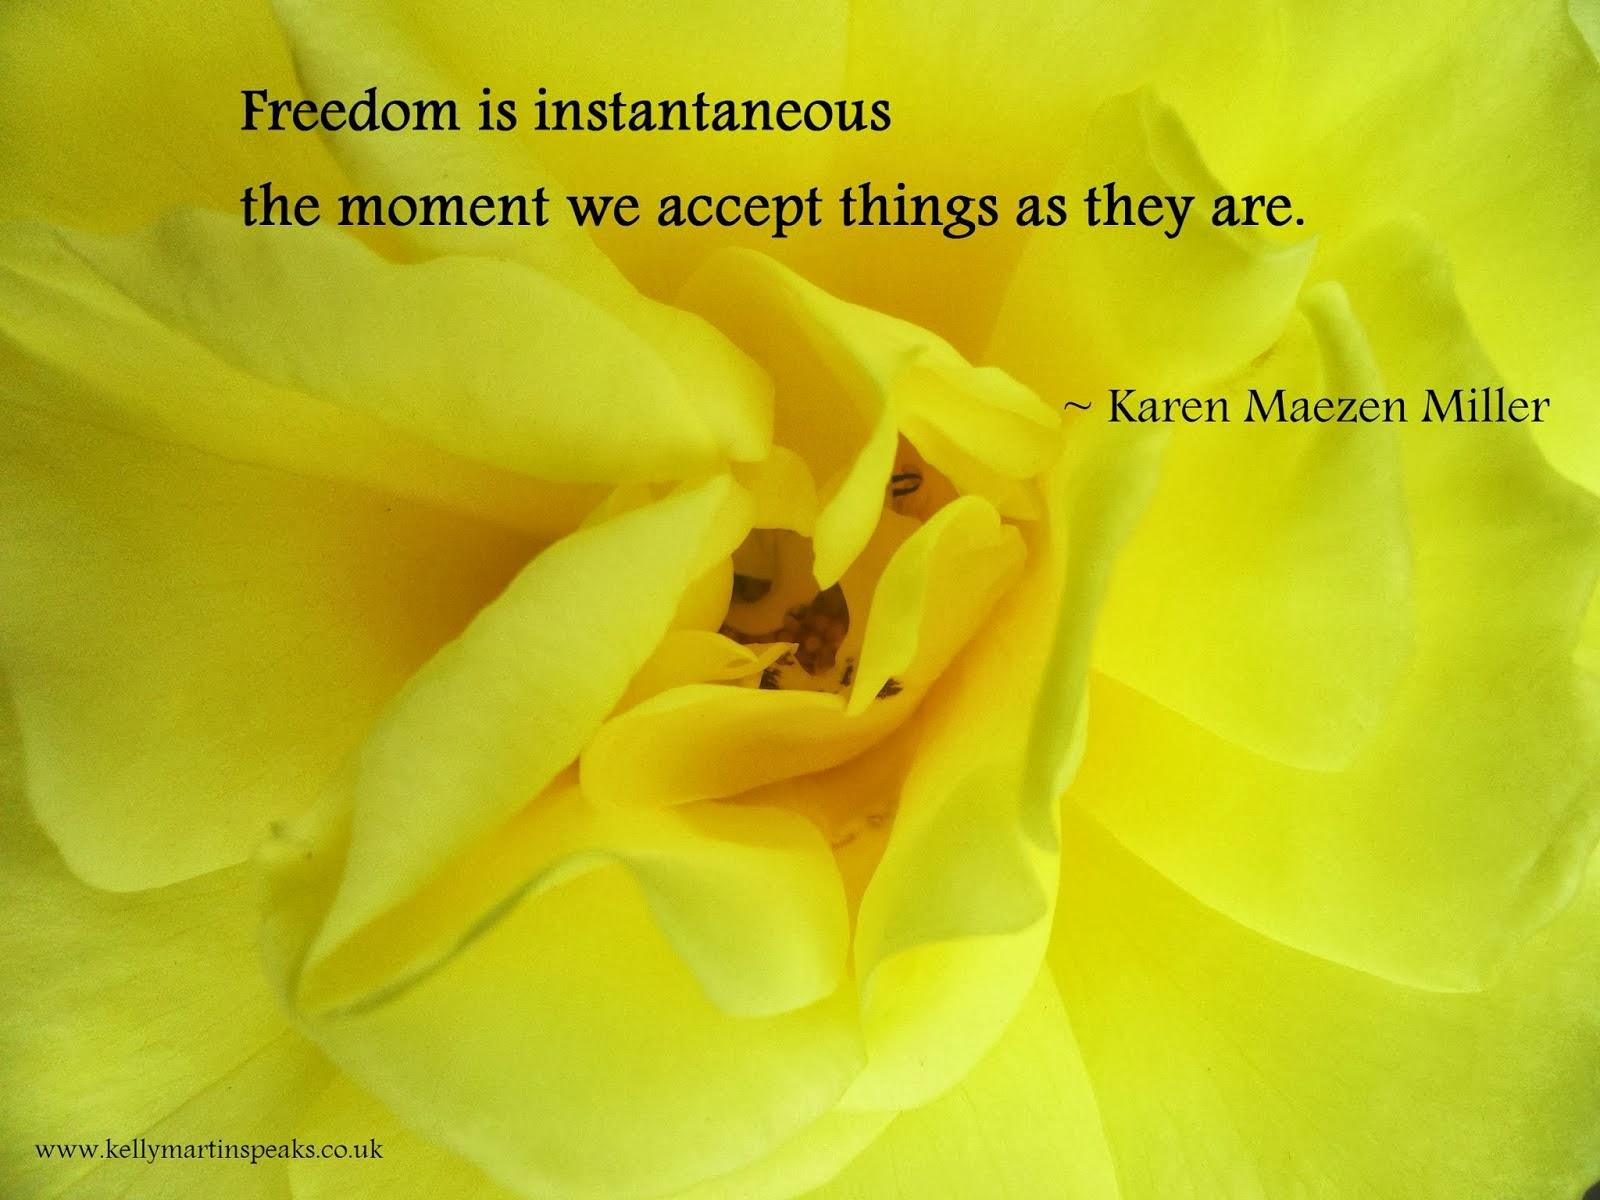 Freedom Quote by Karen Maezen Miller